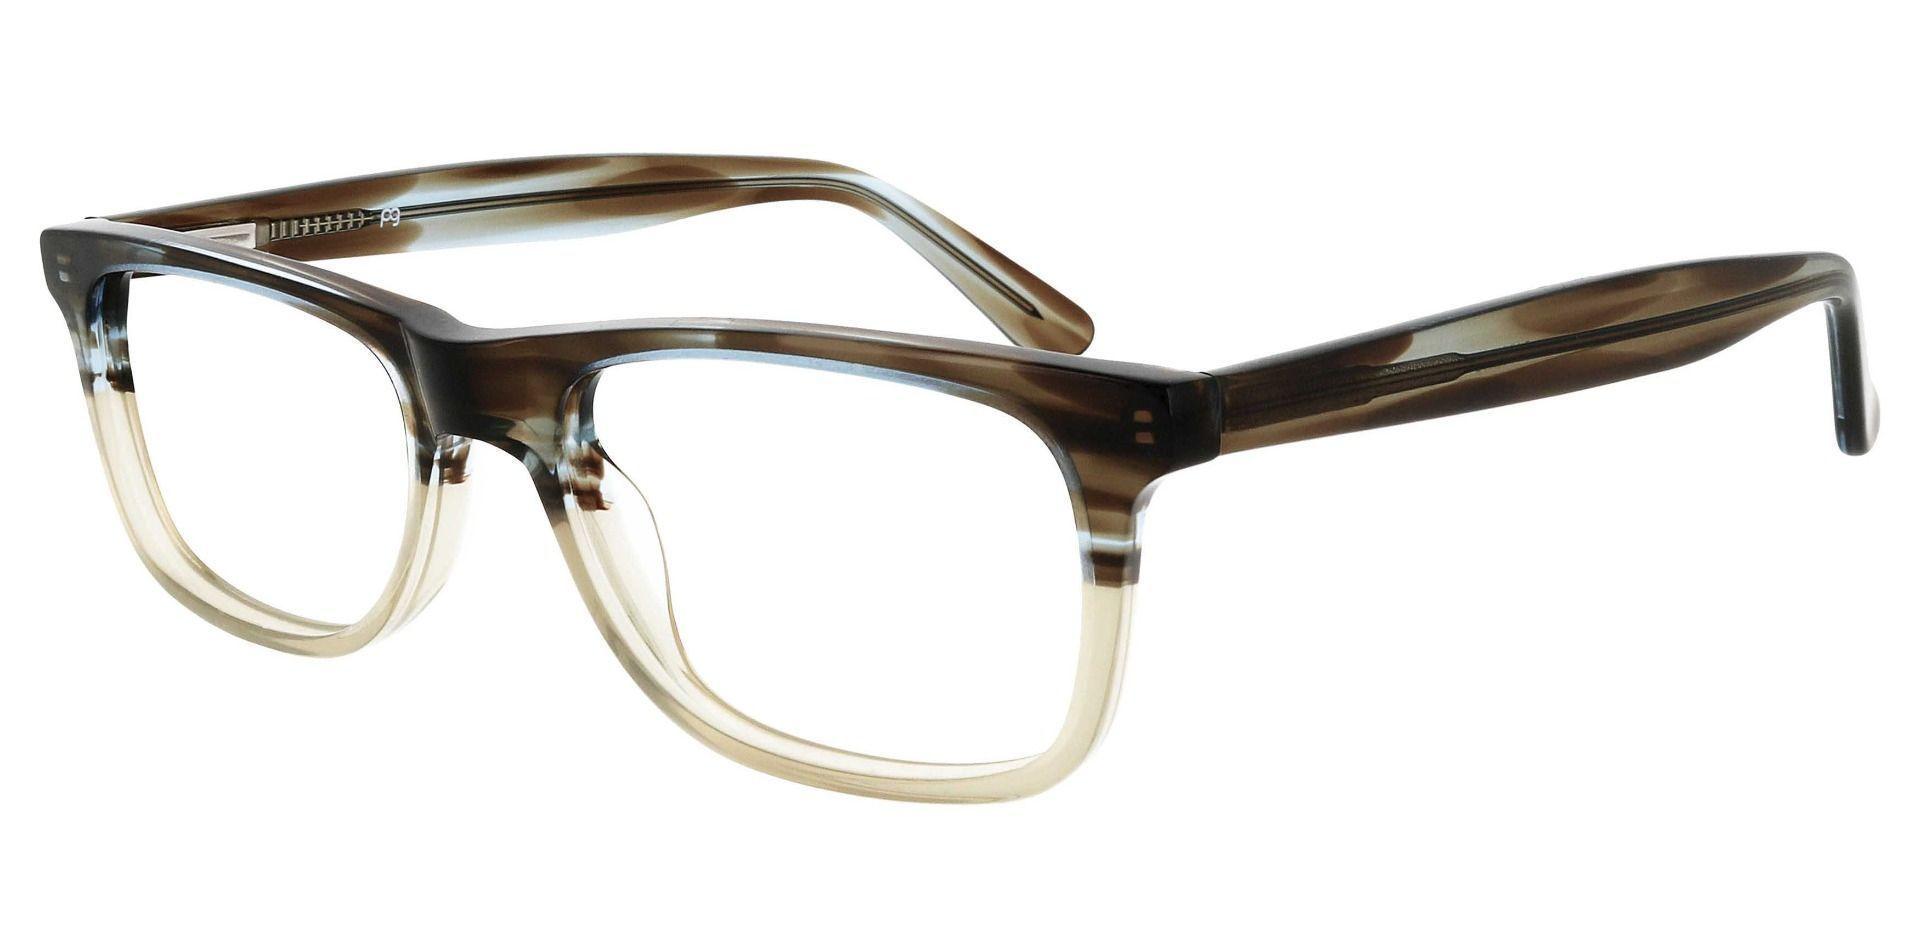 Denali Rectangle Prescription Glasses - Multi Color